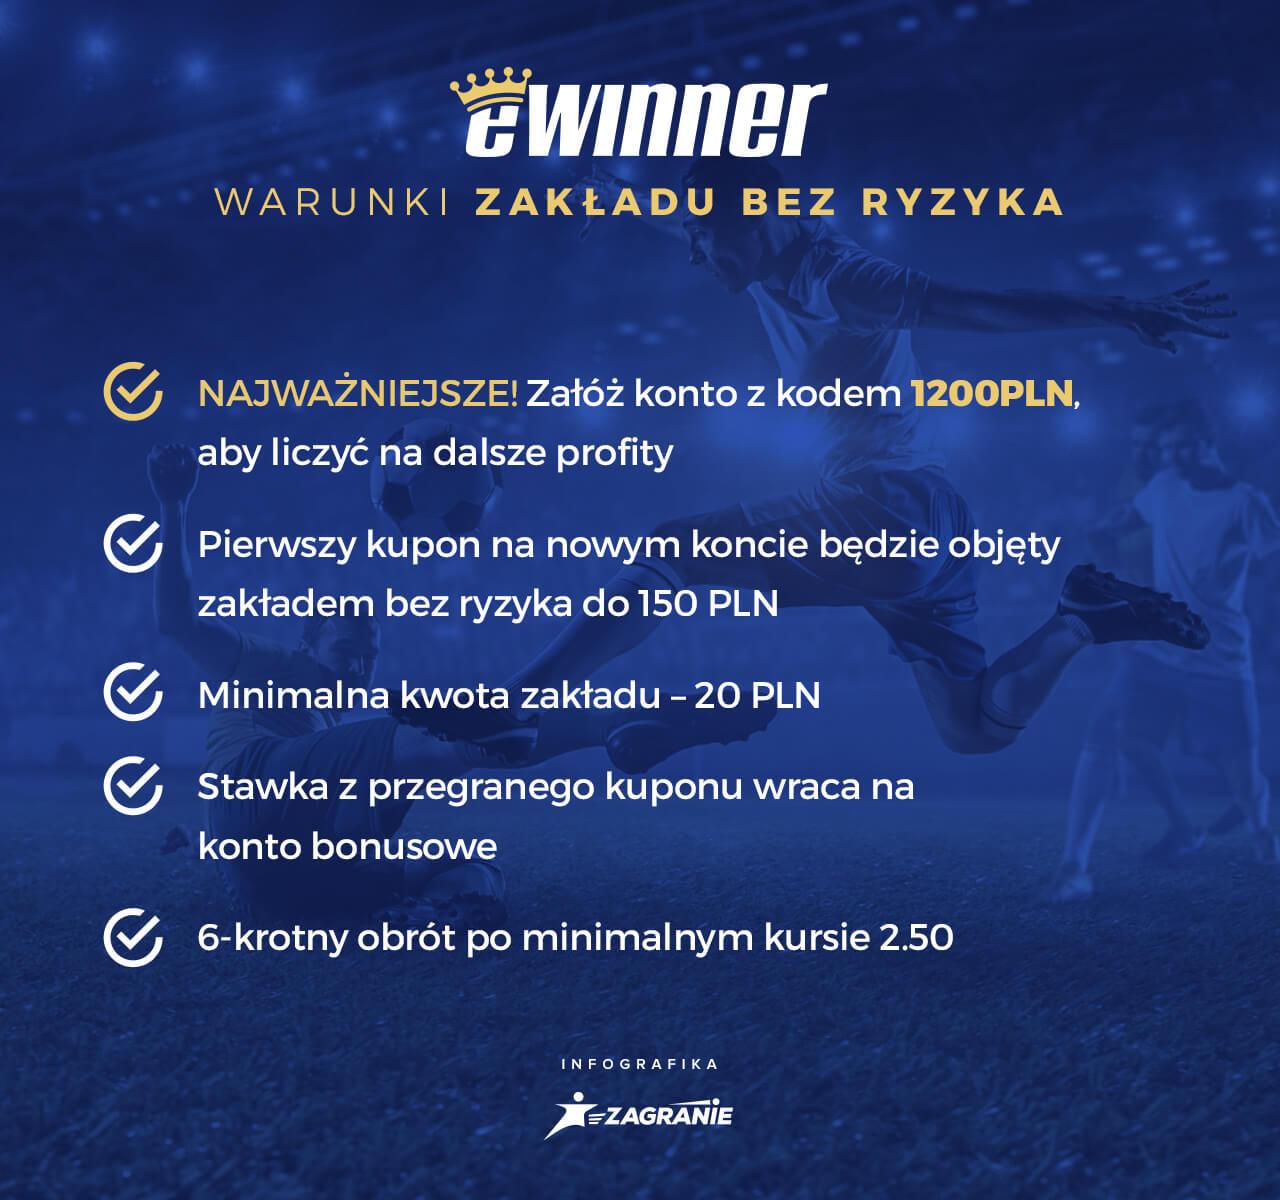 ewinner